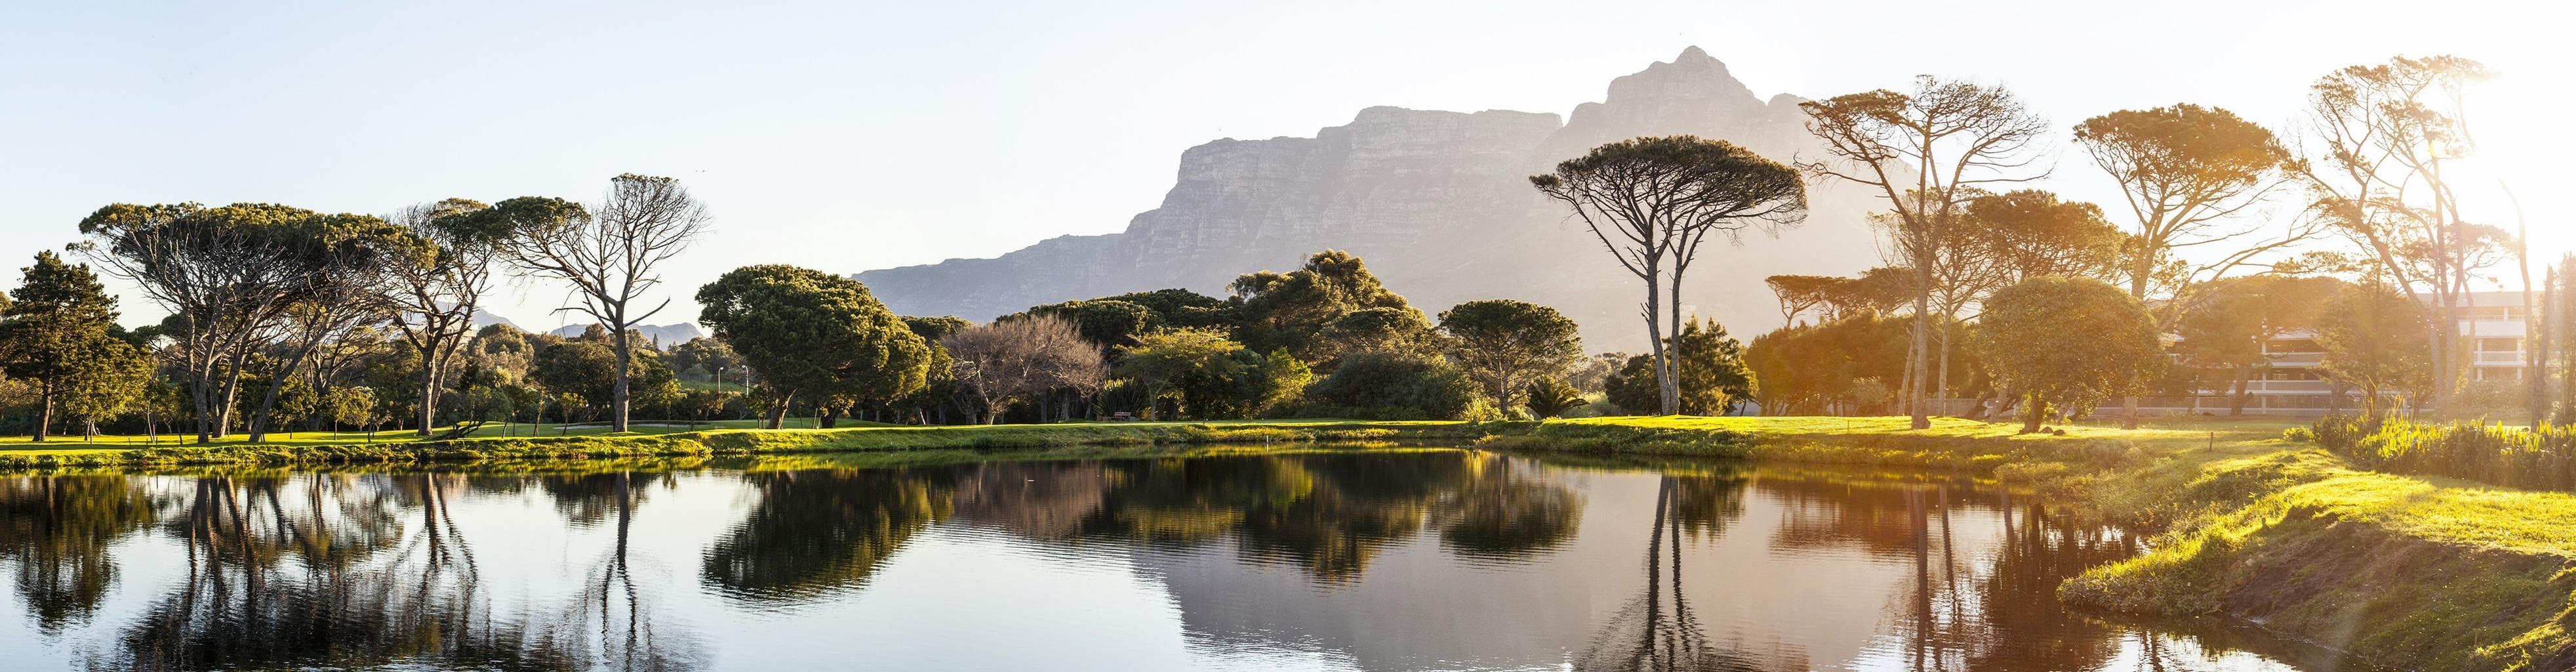 Paisaje con montañas al fondo y lago con formato panorámico fotografiado con un objetivo estándar